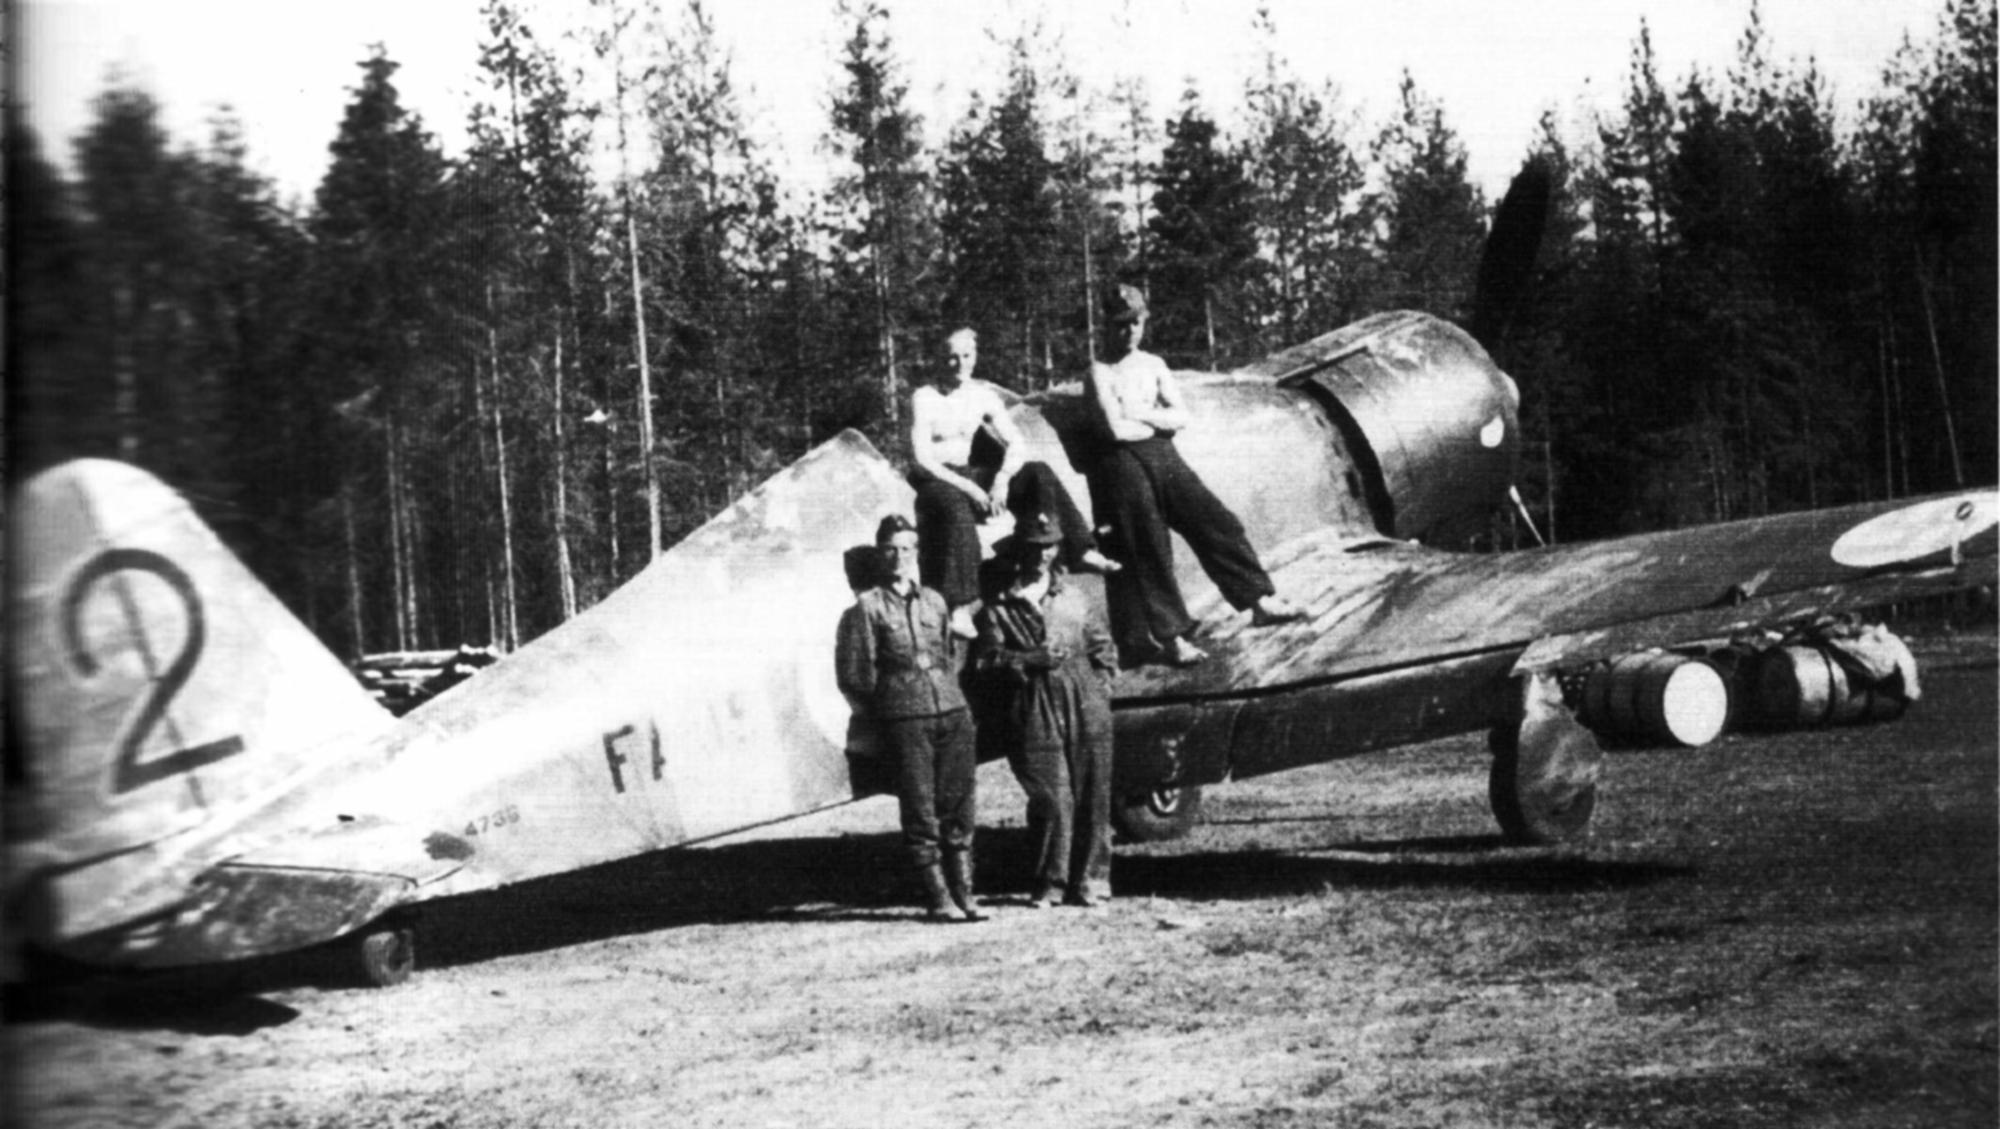 Fiat G50 Freccia FAF 2.LeLv26 FA15 MM4736 Urho Nieminen Rantasalmi AF 28th Jun 1941 01